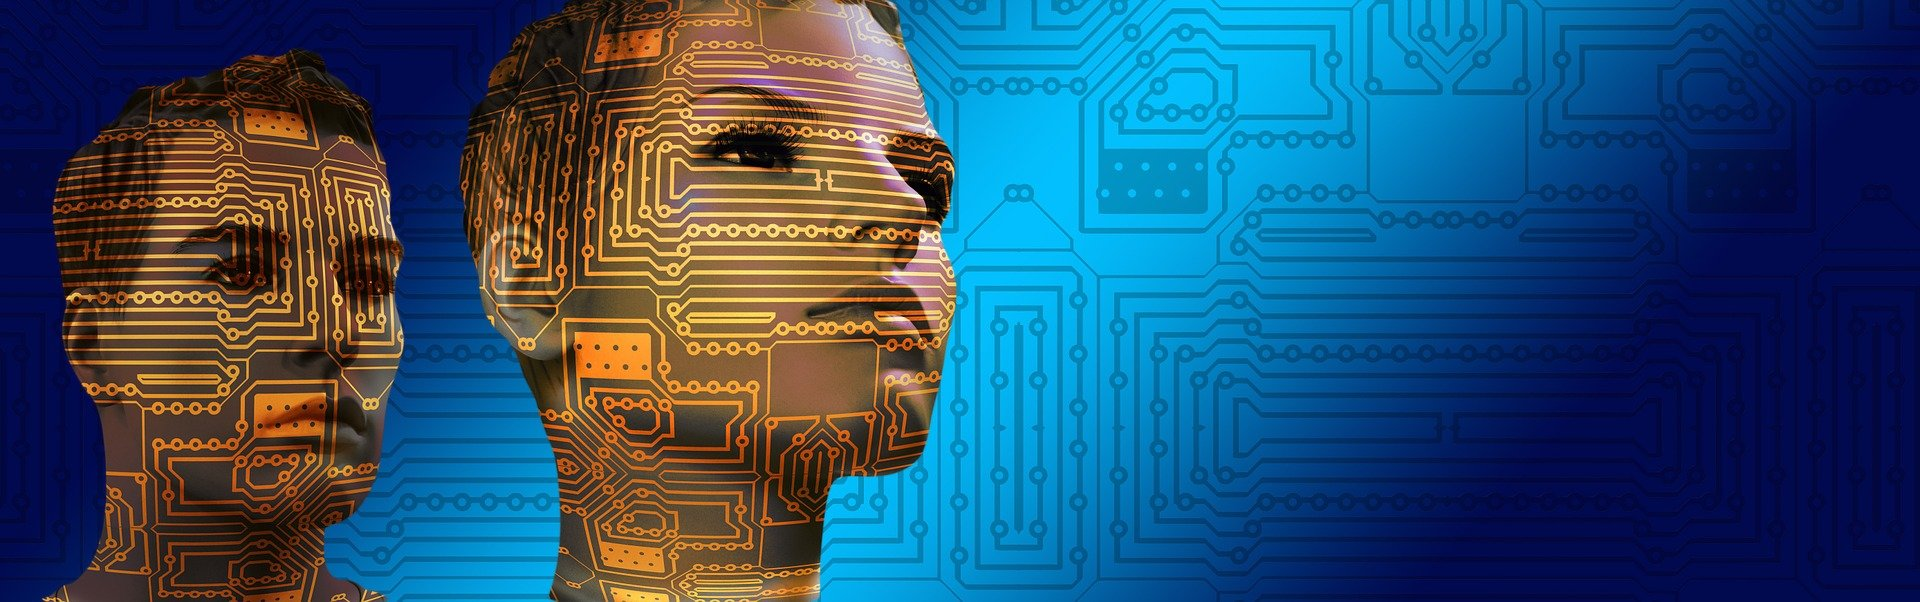 Okładka - osztucznej inteligencji Źródło: pixabay, licencja: CC 0.